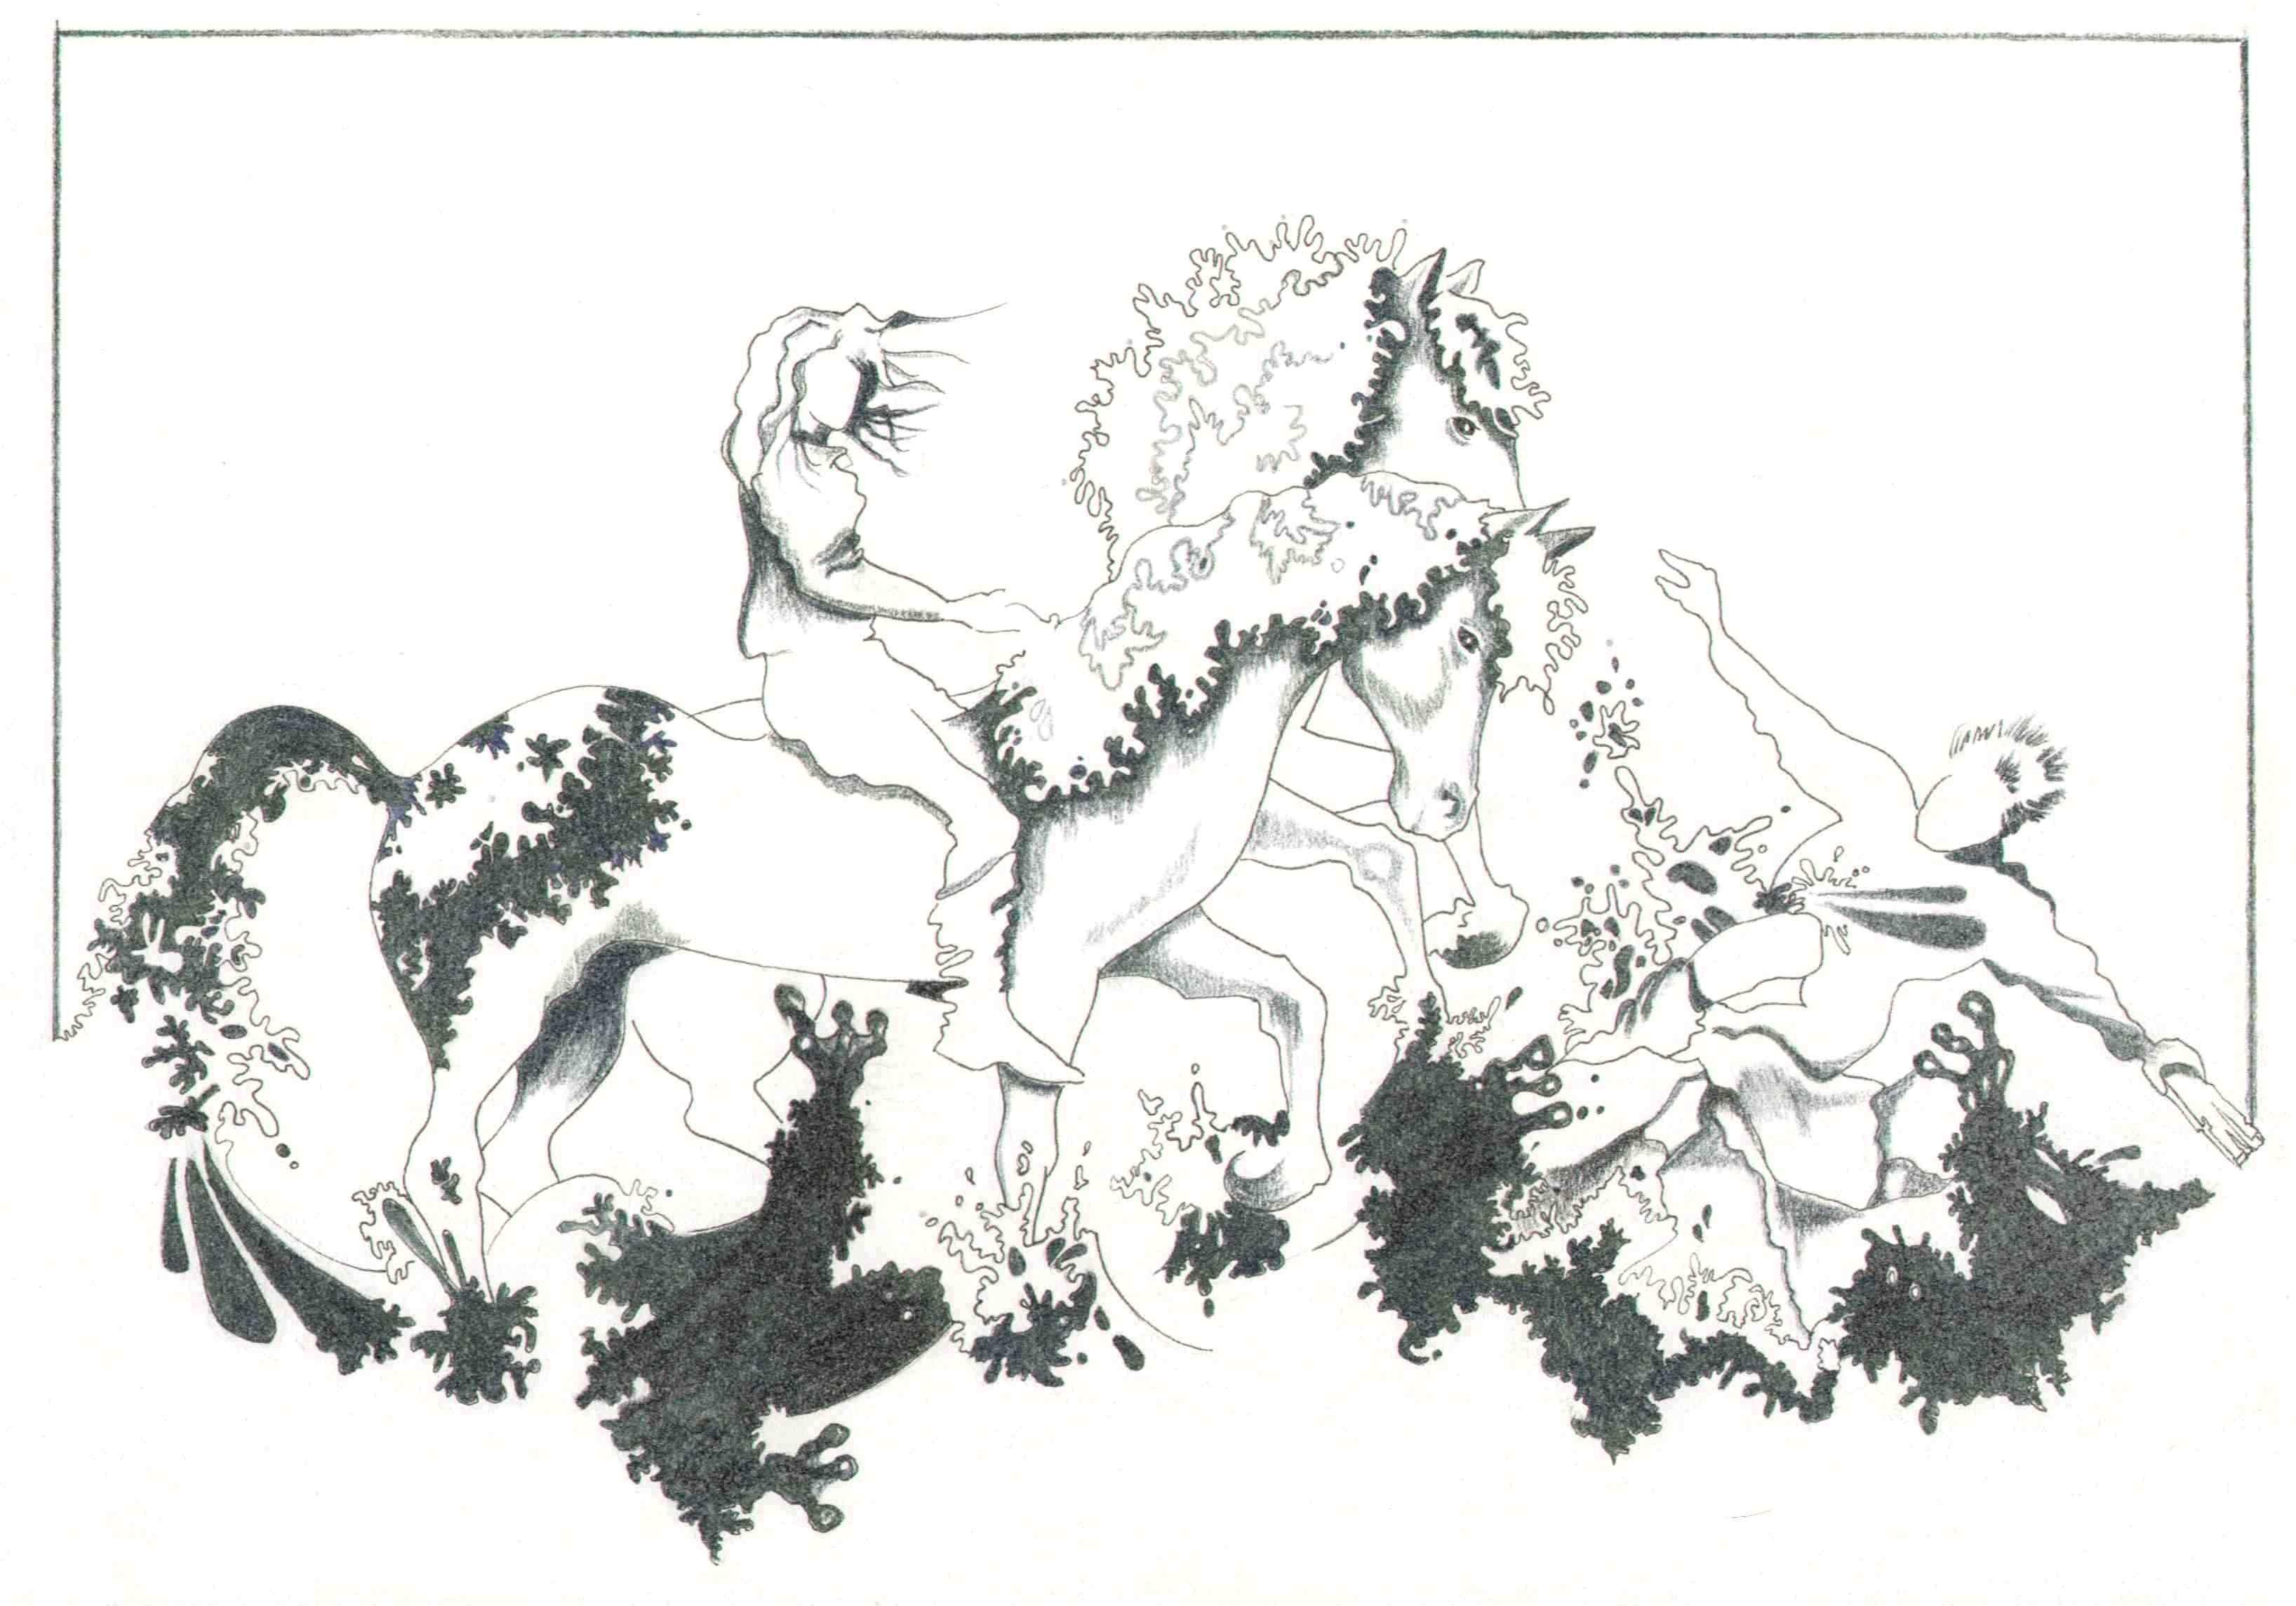 The kelpies